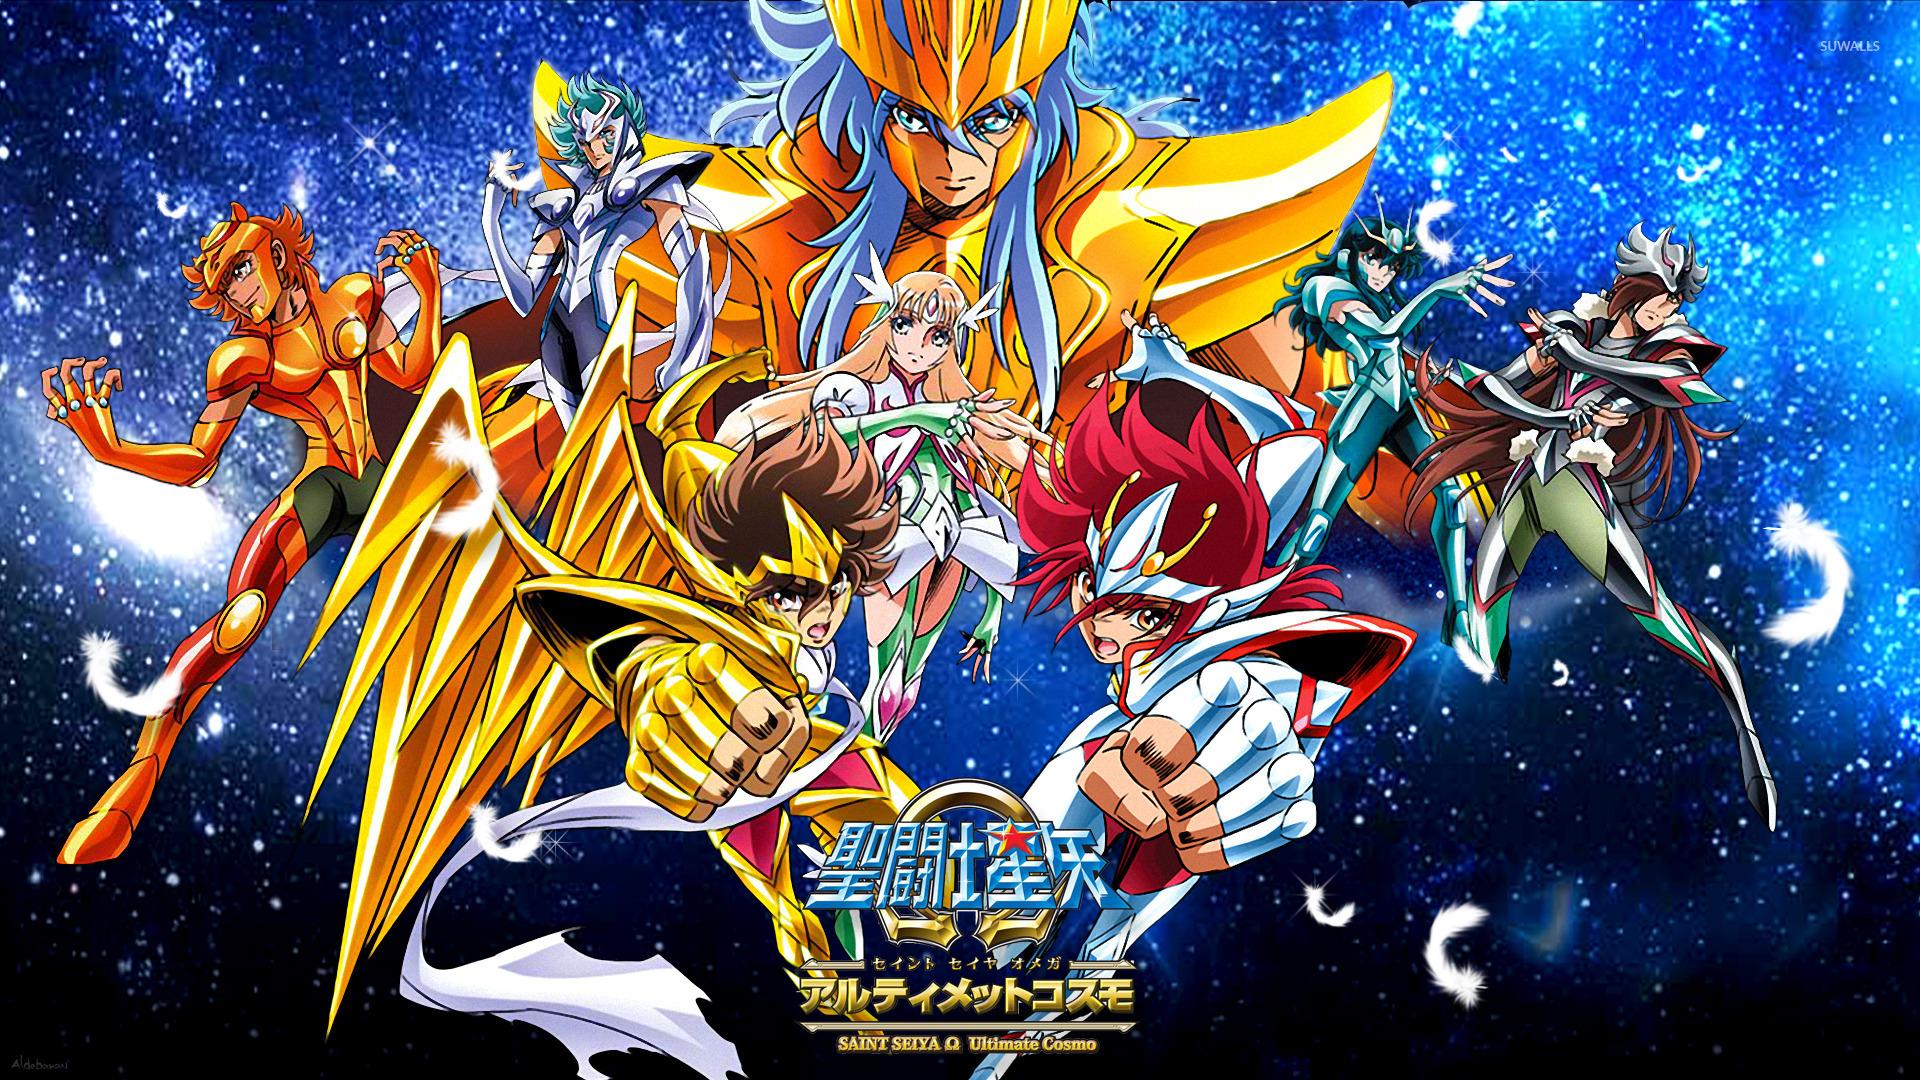 saint seiya wallpaper anime wallpapers 28021